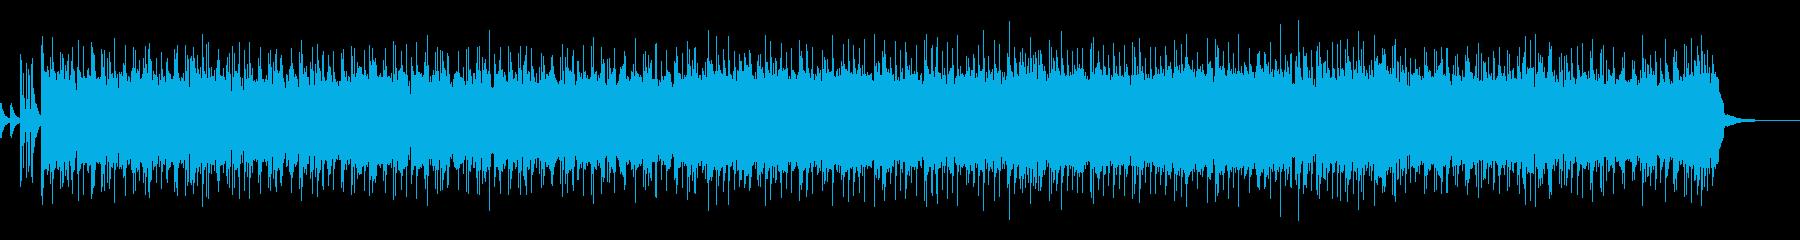 ギター/熱い/ロックBGM6の再生済みの波形